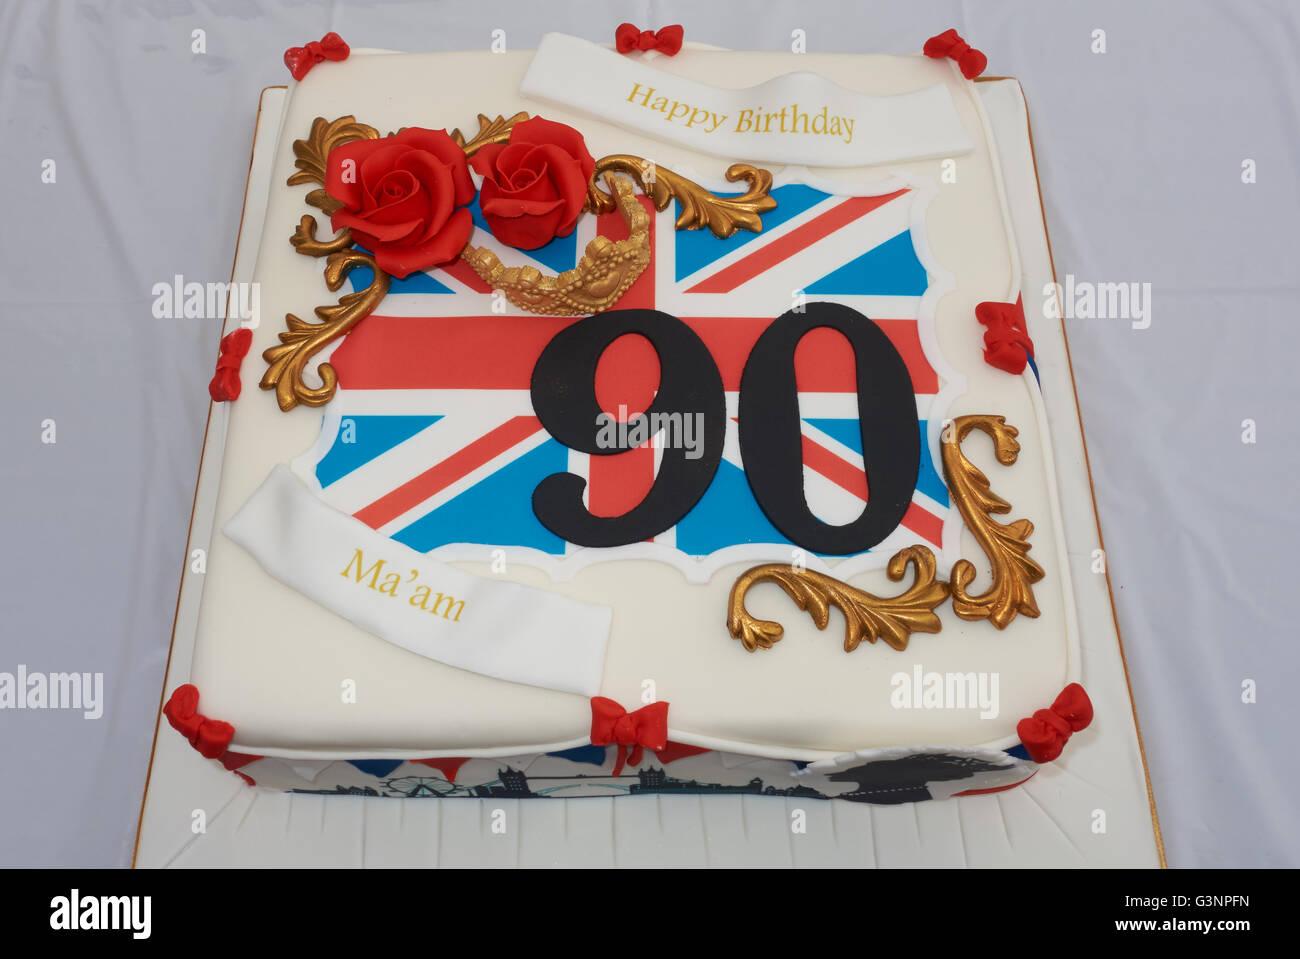 Mettre en place les décorations pour une fête dans la rue pour célébrer le  90e anniversaire